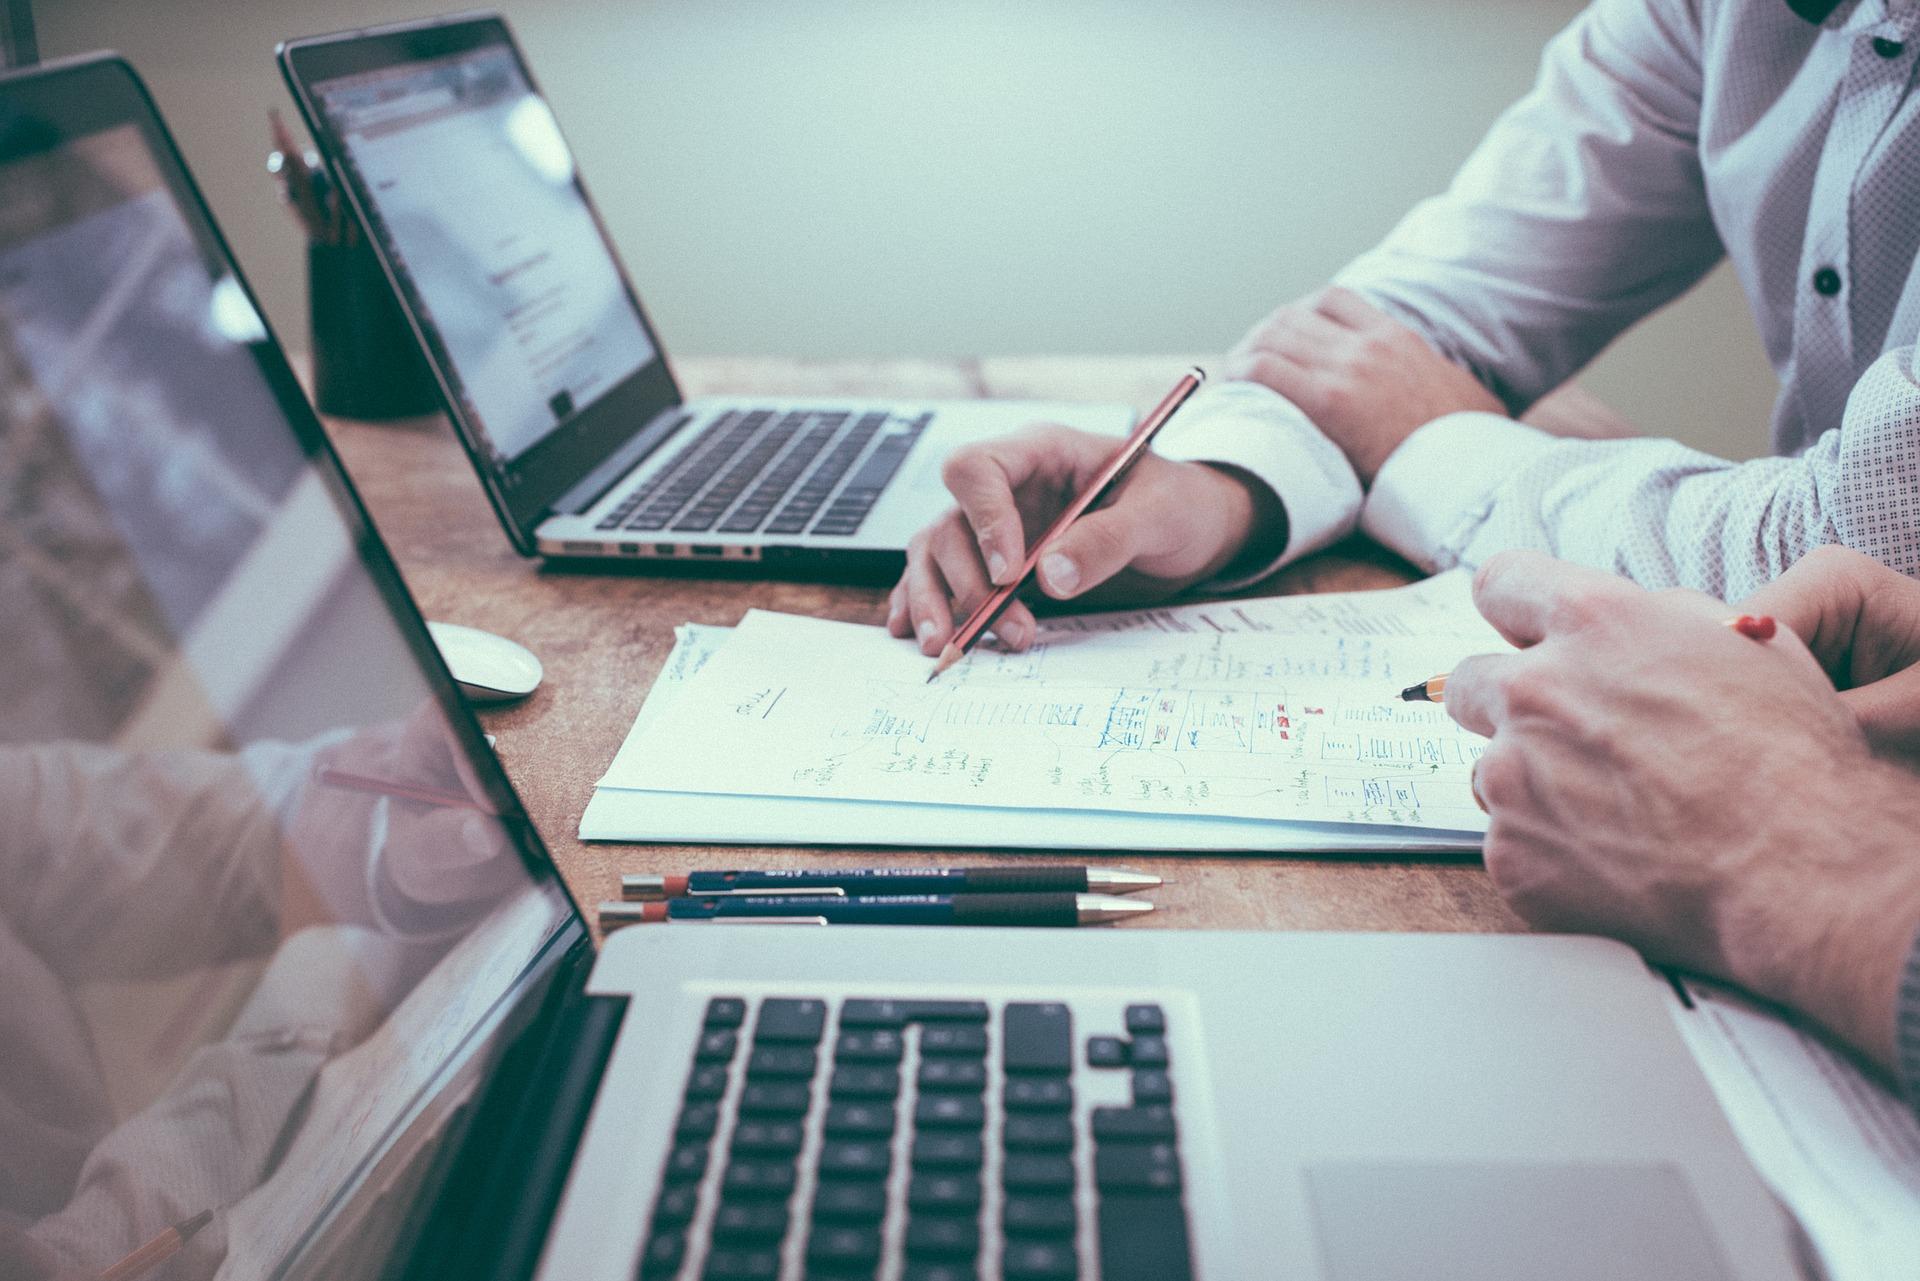 Jak se připravit na pohovor a nejčastější otázky, které mohou padnout?